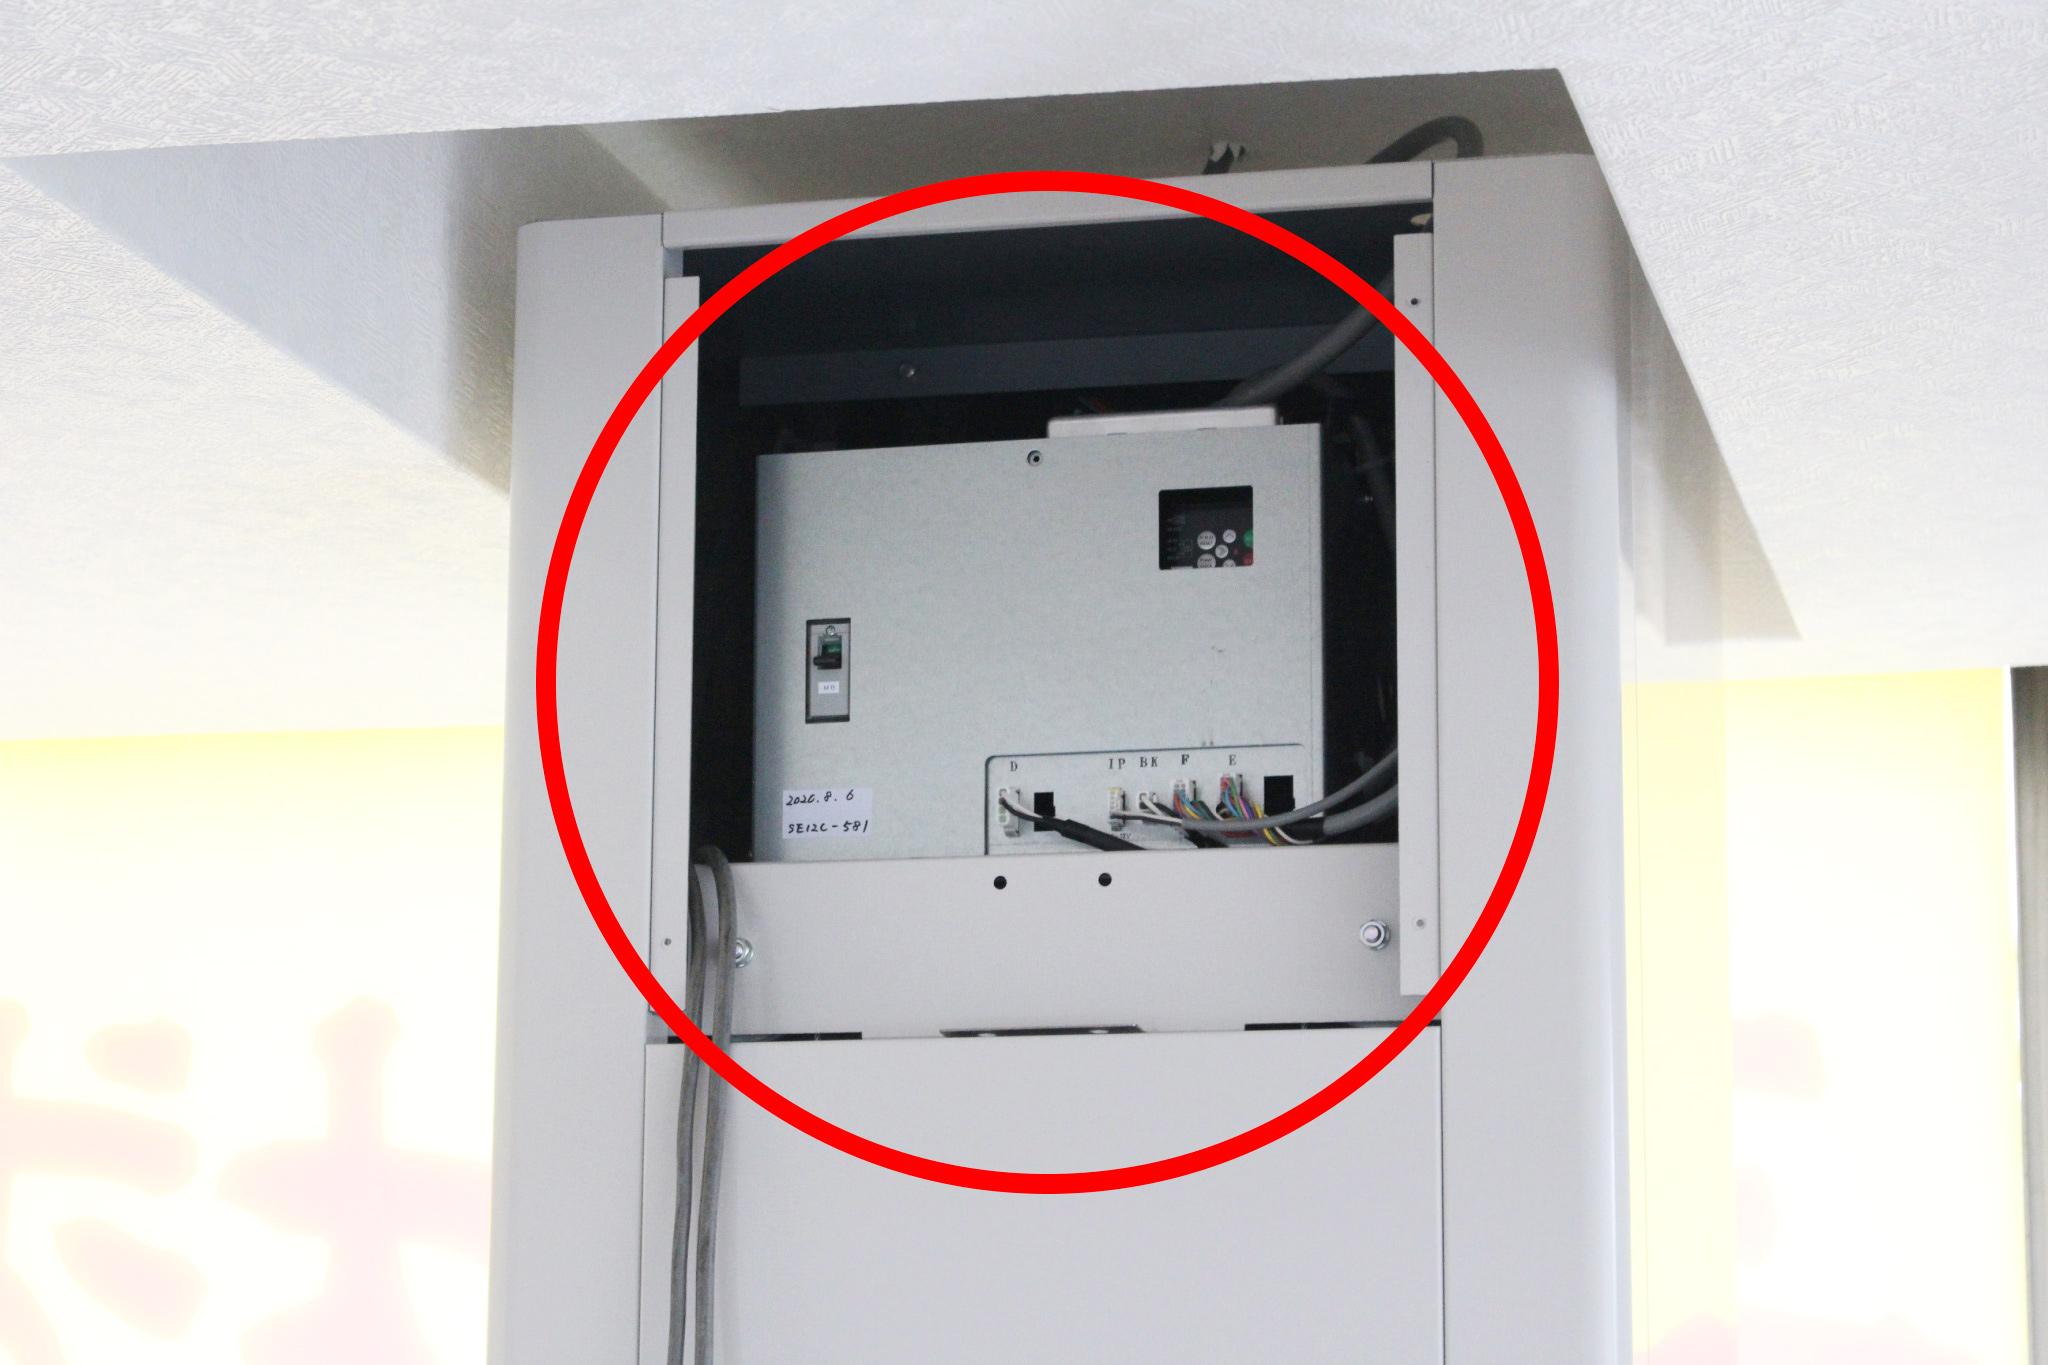 「制御盤」は、小荷物専用昇降機をコントロールするための重要な装置です